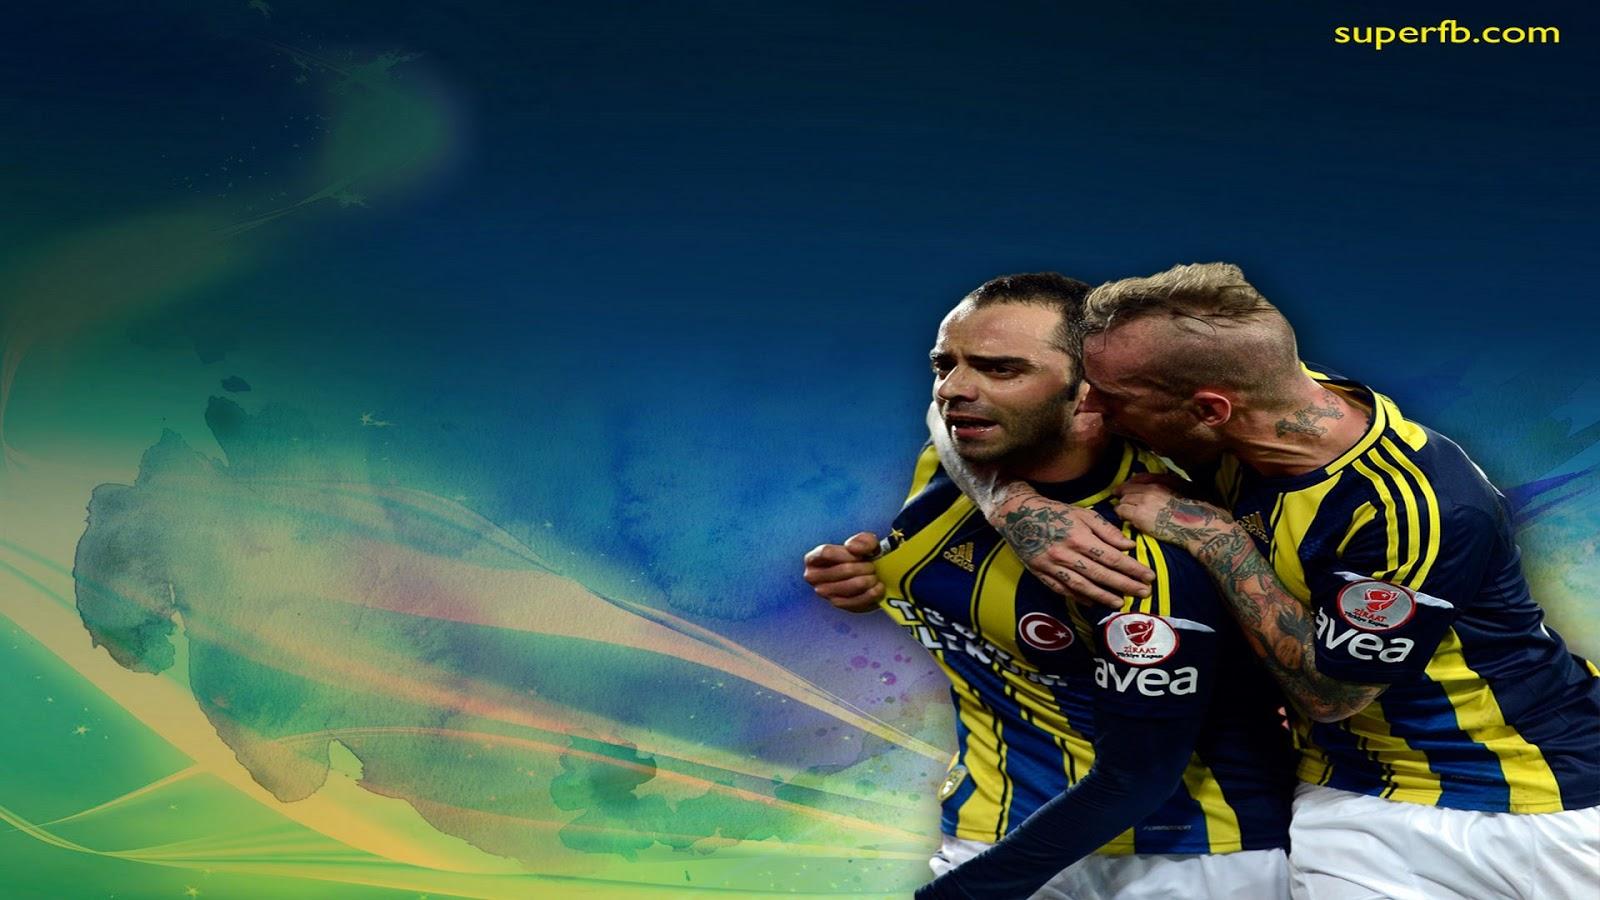 fenerbahce+resim+rooteto+23 Fenerbahçe HD Resimleri